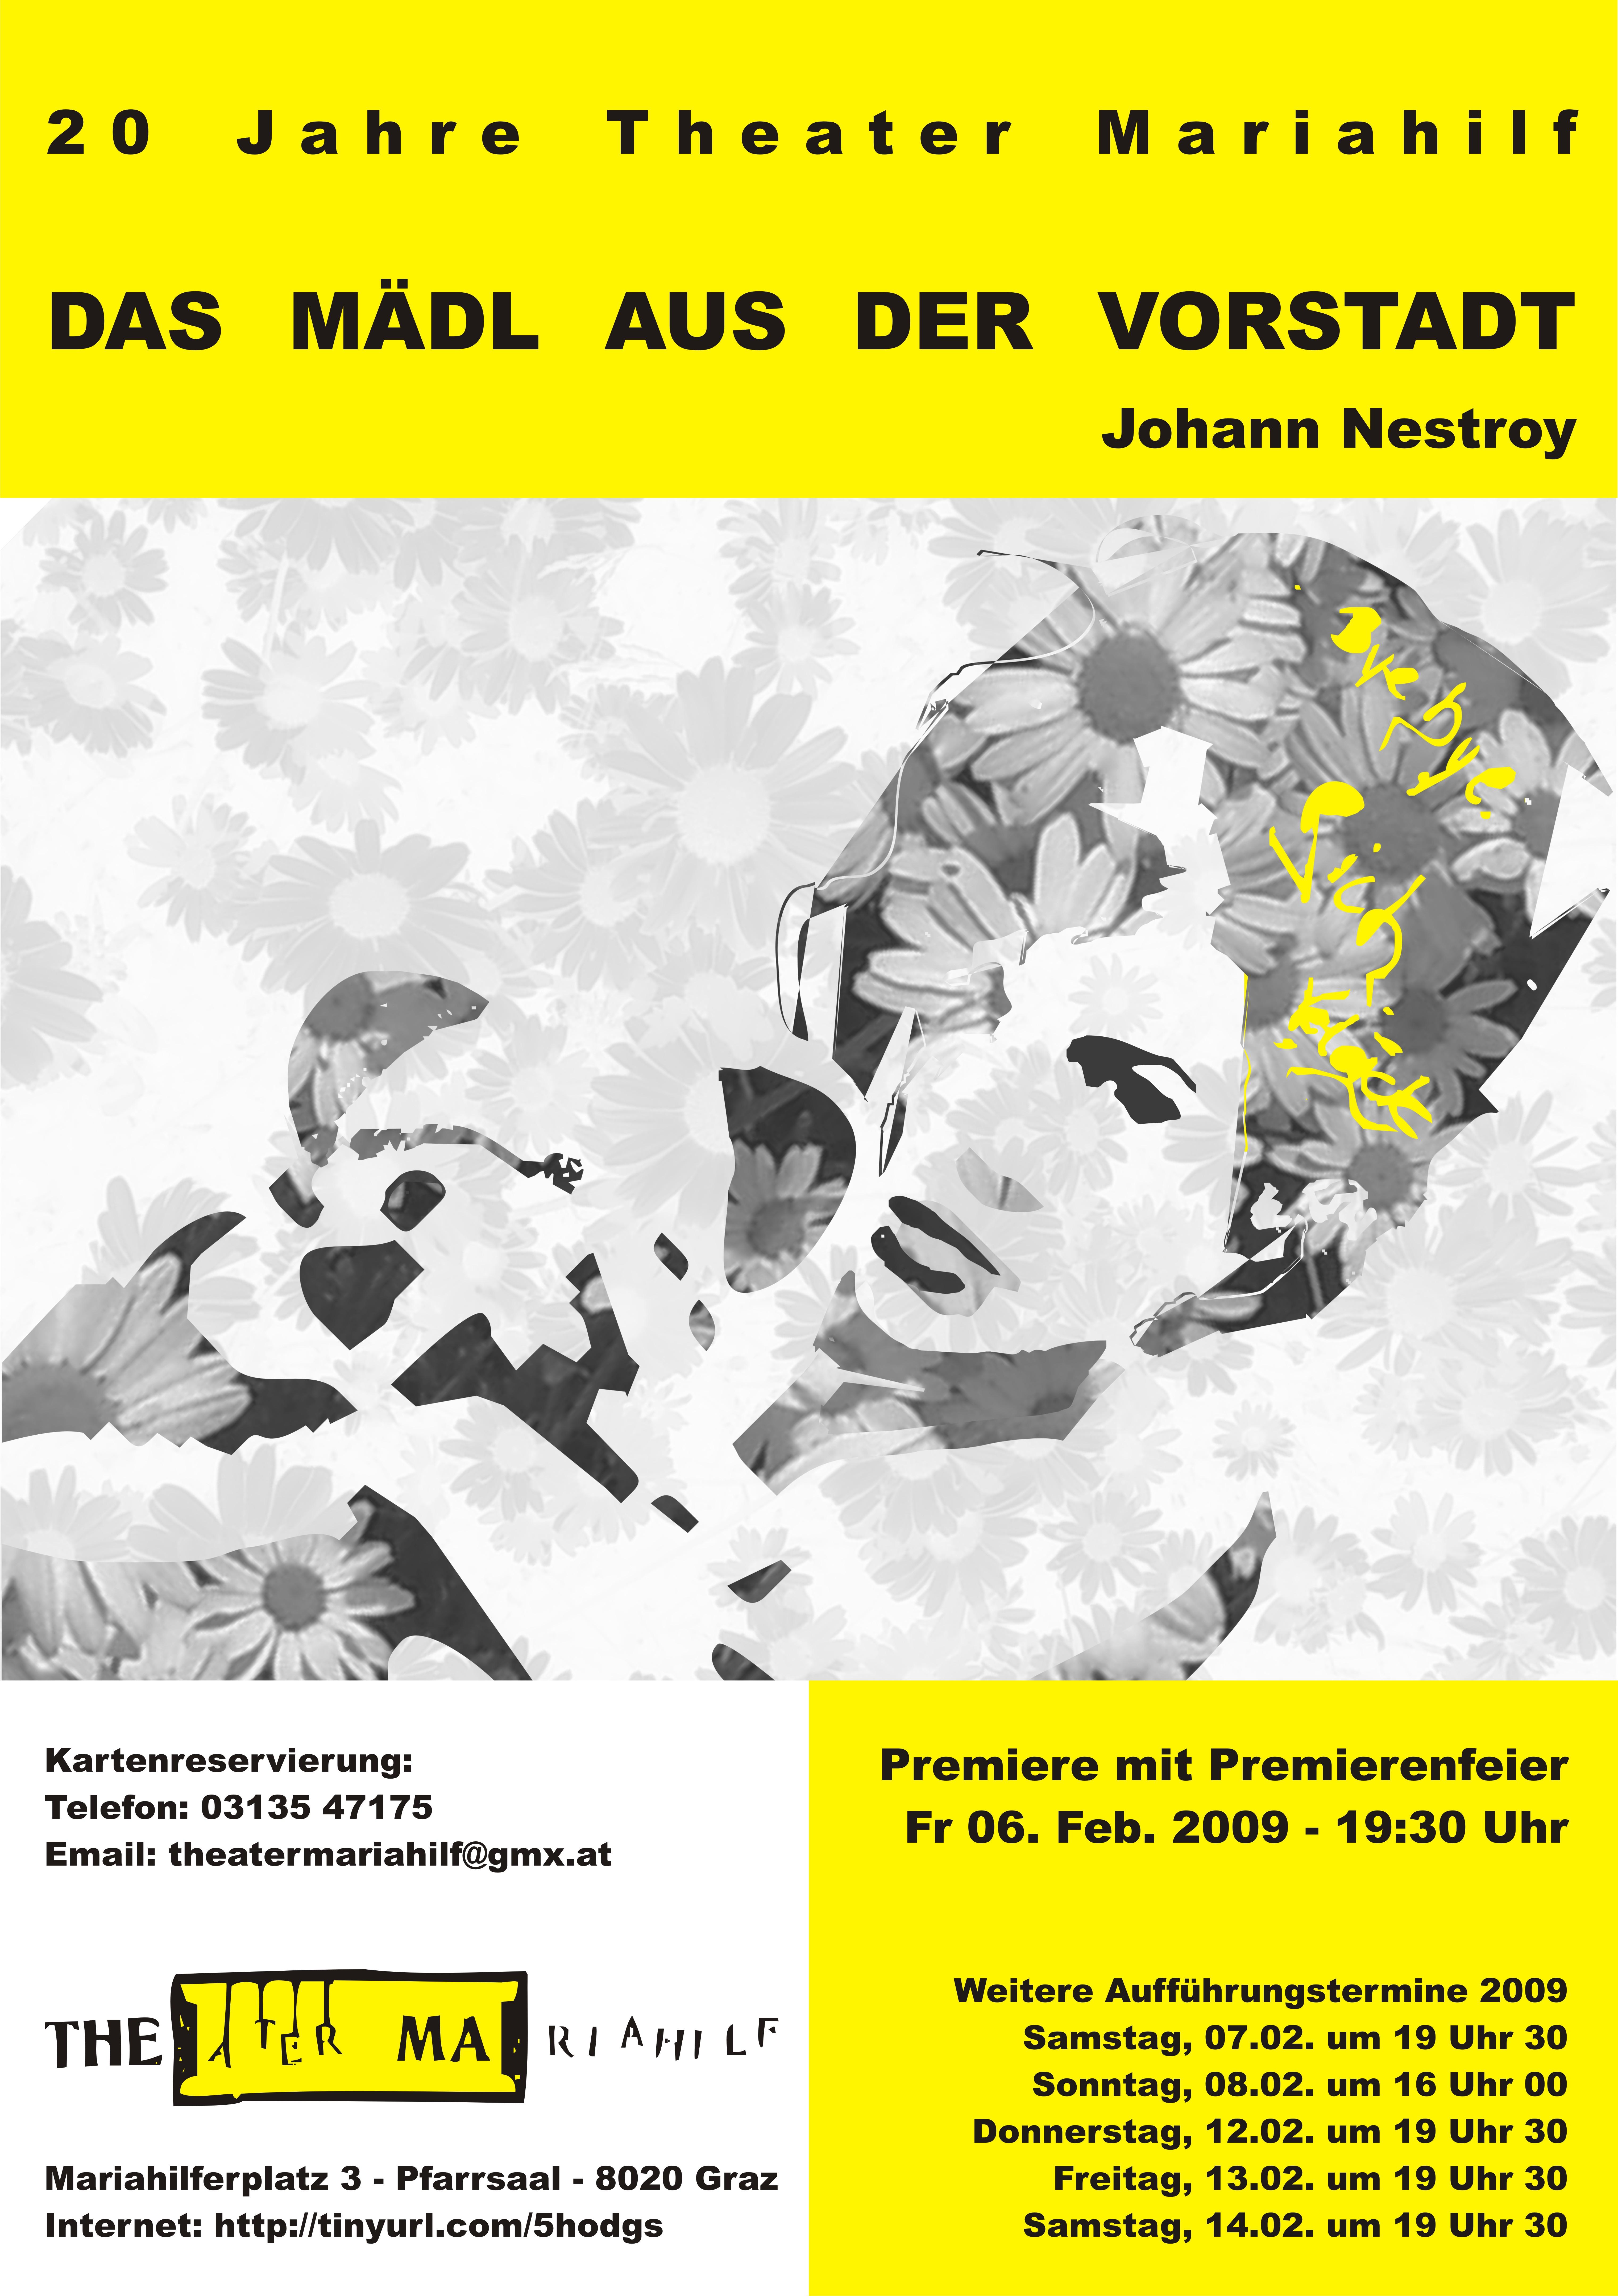 2009 - Das Mädl aus der Vorstadt